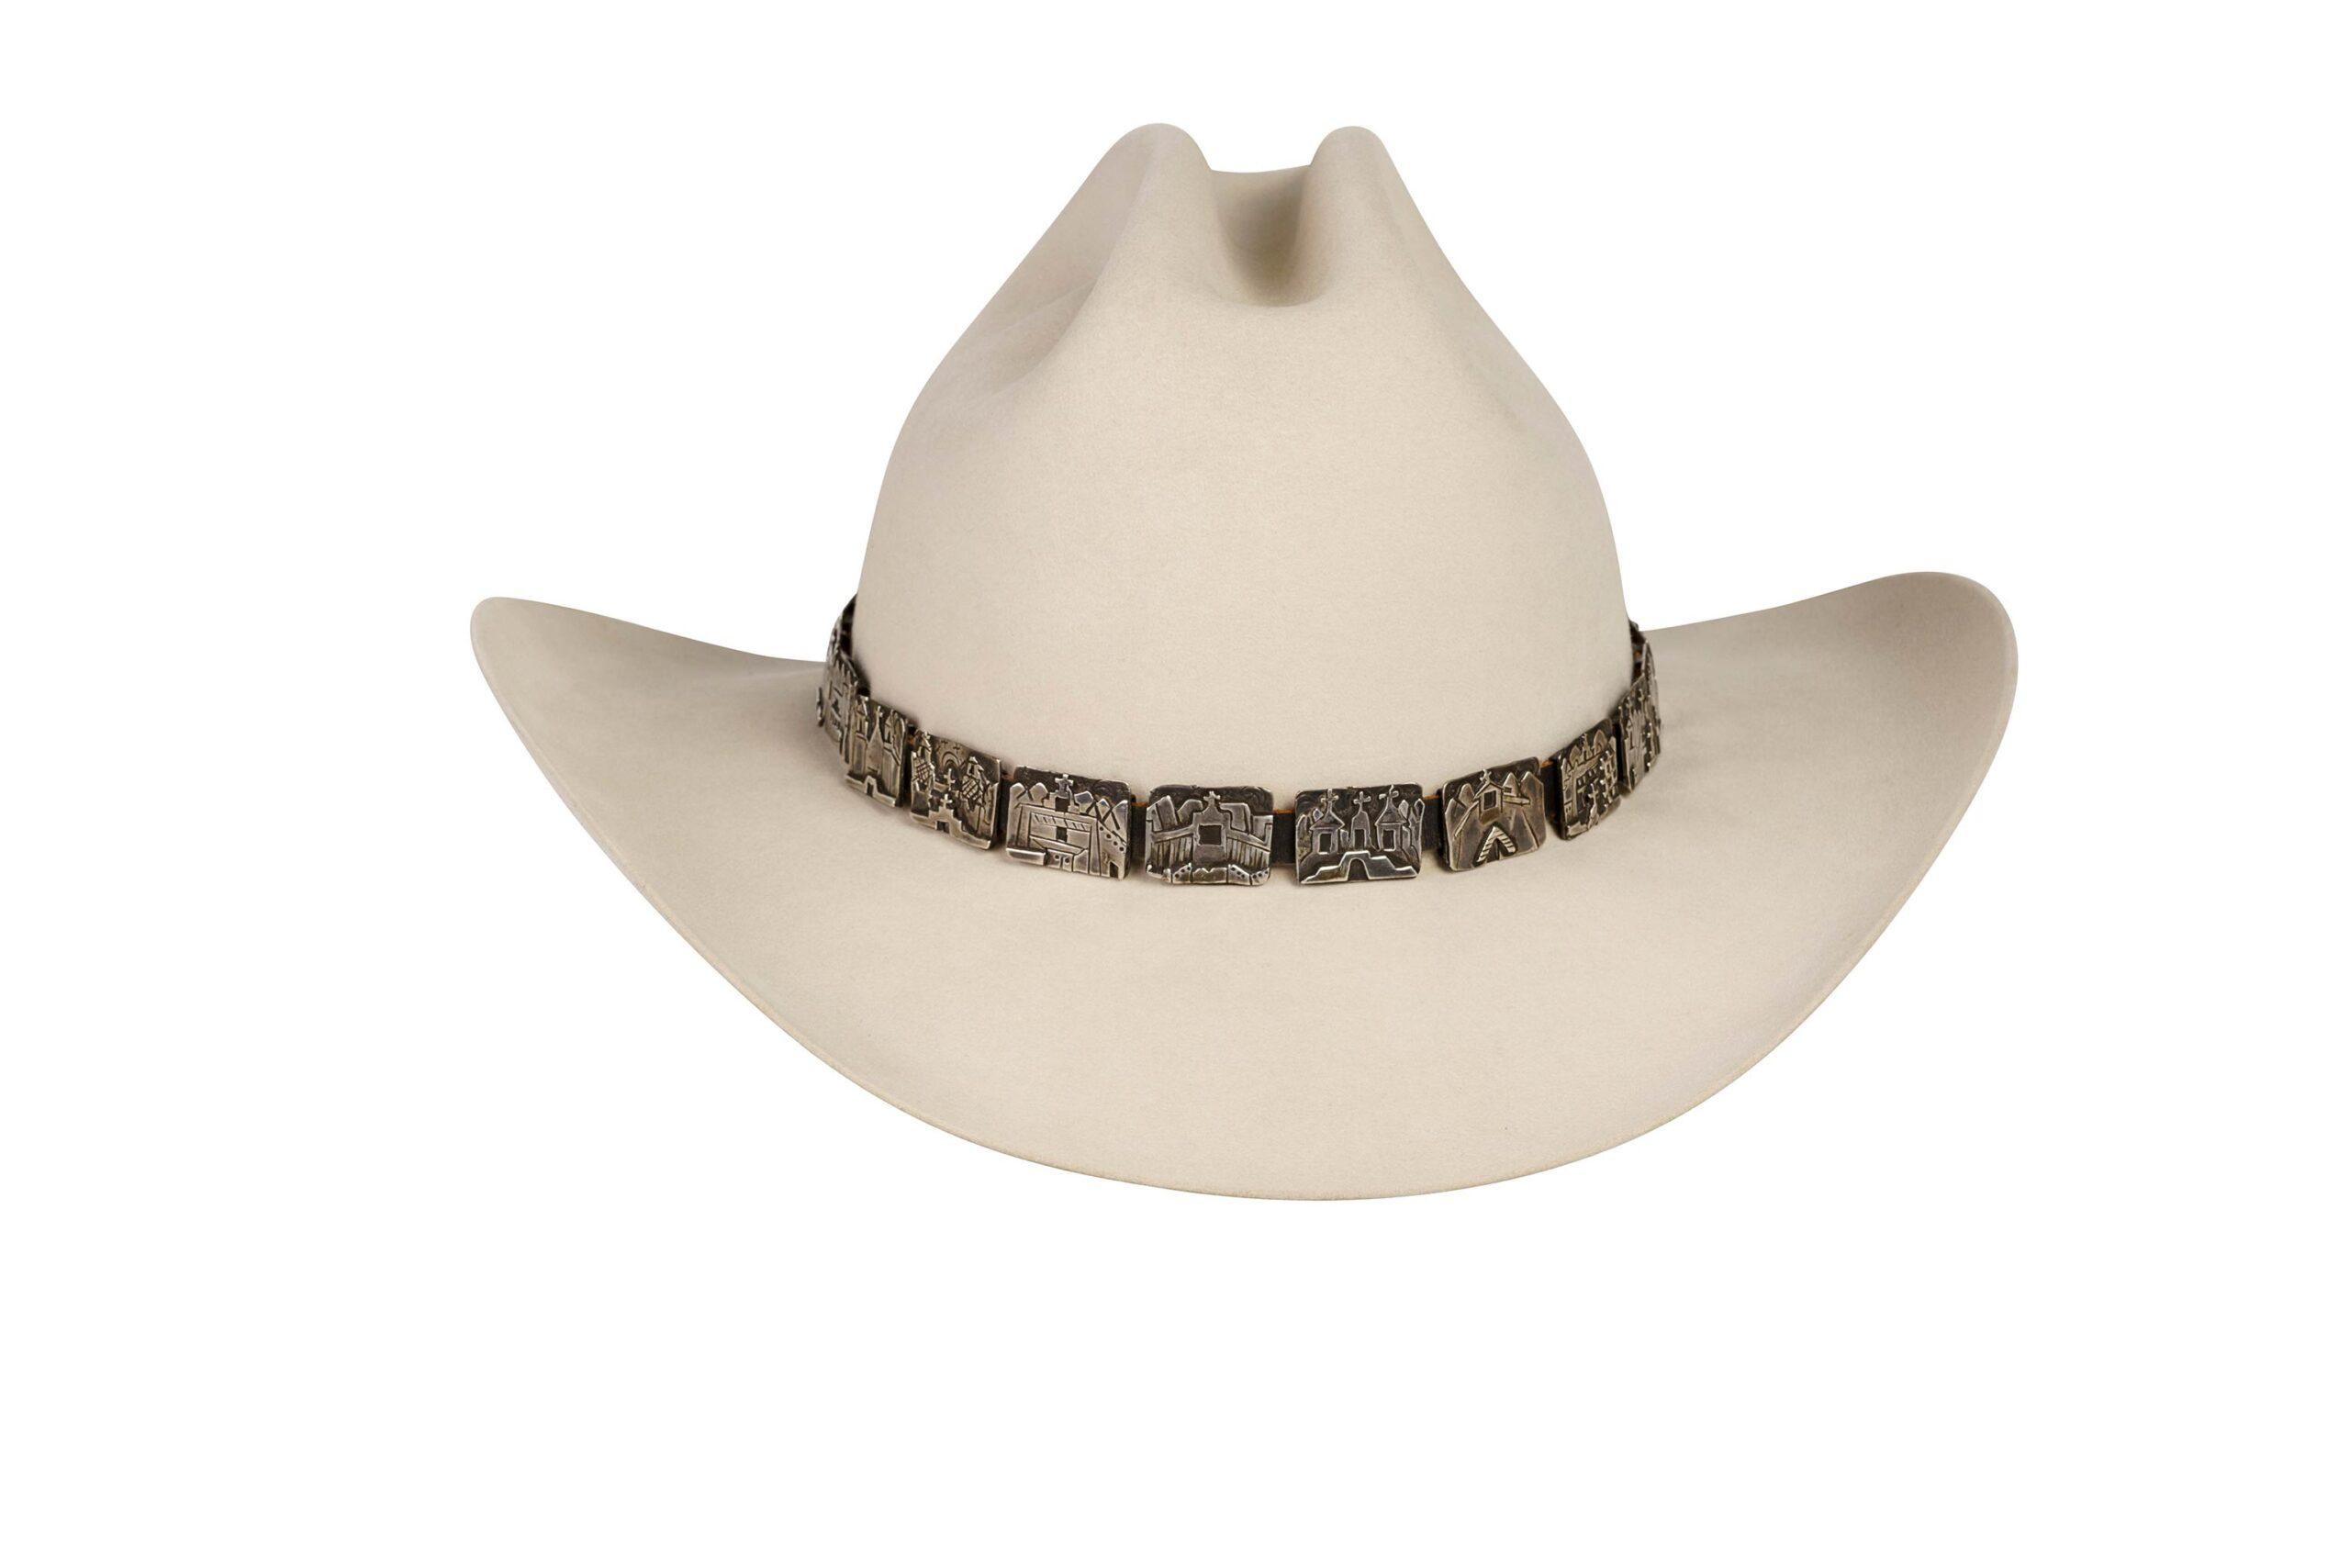 Alarid Sterling Storyteller Hat Band 6090